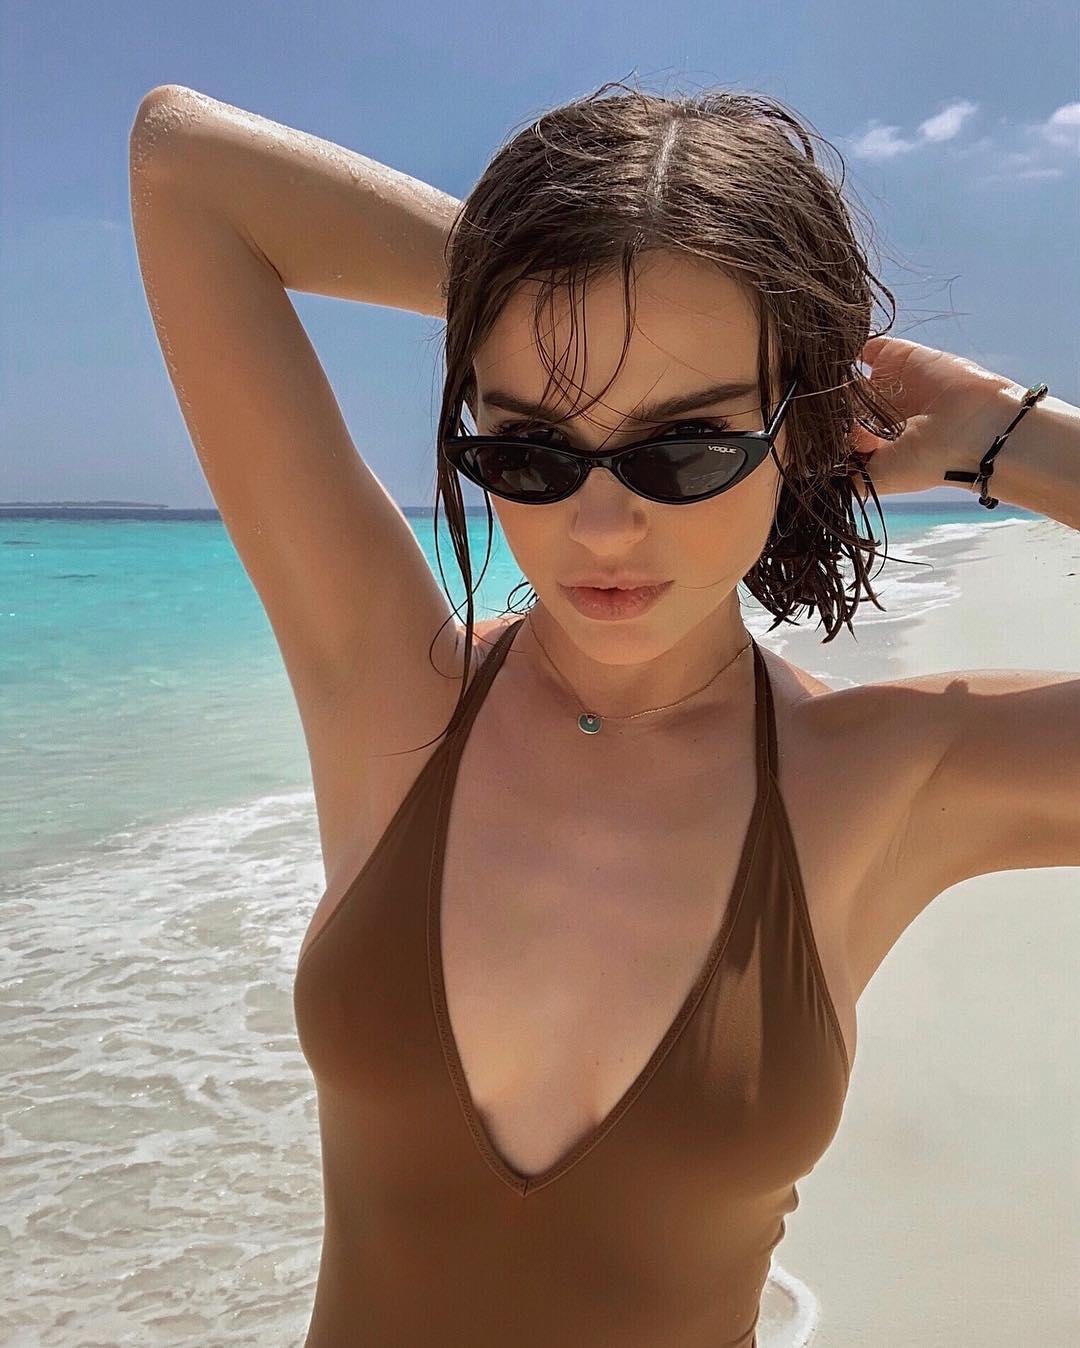 Елена Темникова: Рыбок хотите? Могу показать. Весь день снимали под водой. В сторис или в ленту? #maldives #maldivesislands #temnikova #темникова